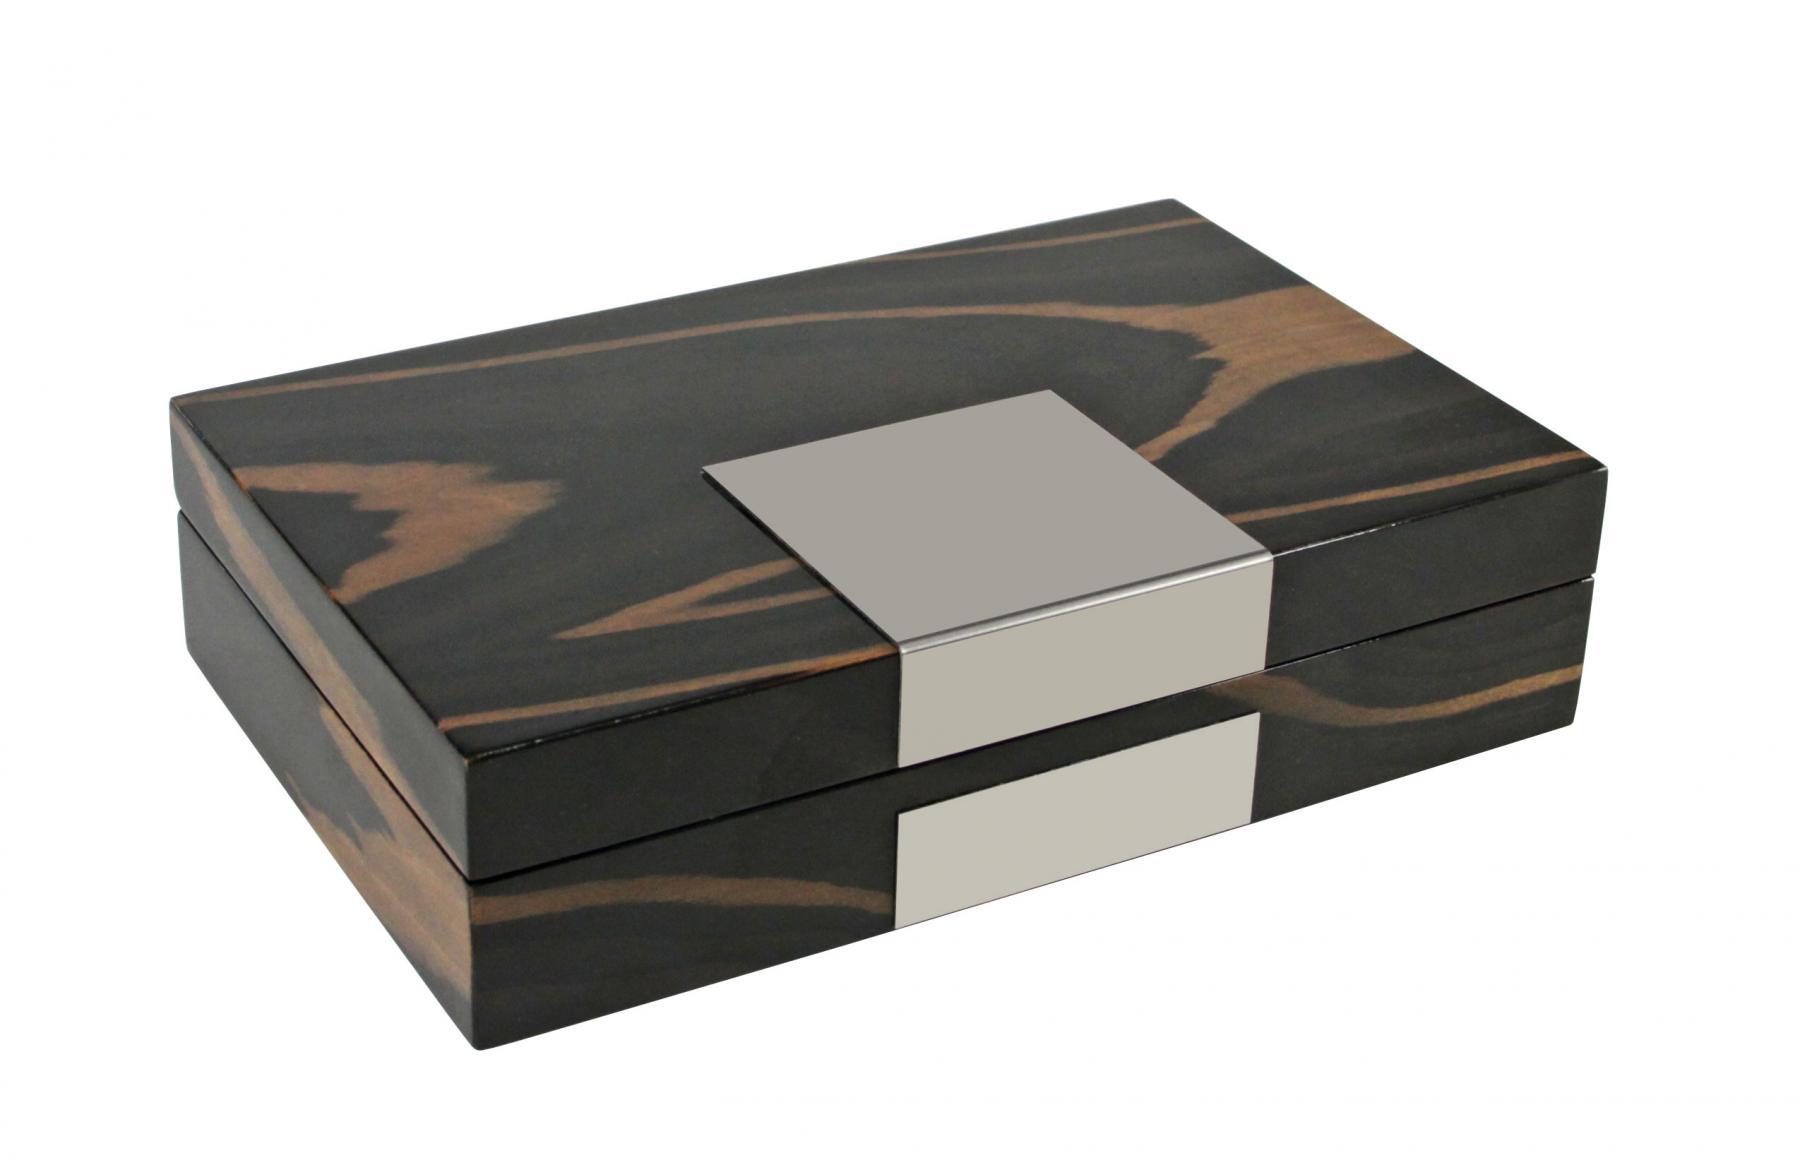 safe 7986 dunkle design holz hochglanz schmuckschatulle. Black Bedroom Furniture Sets. Home Design Ideas